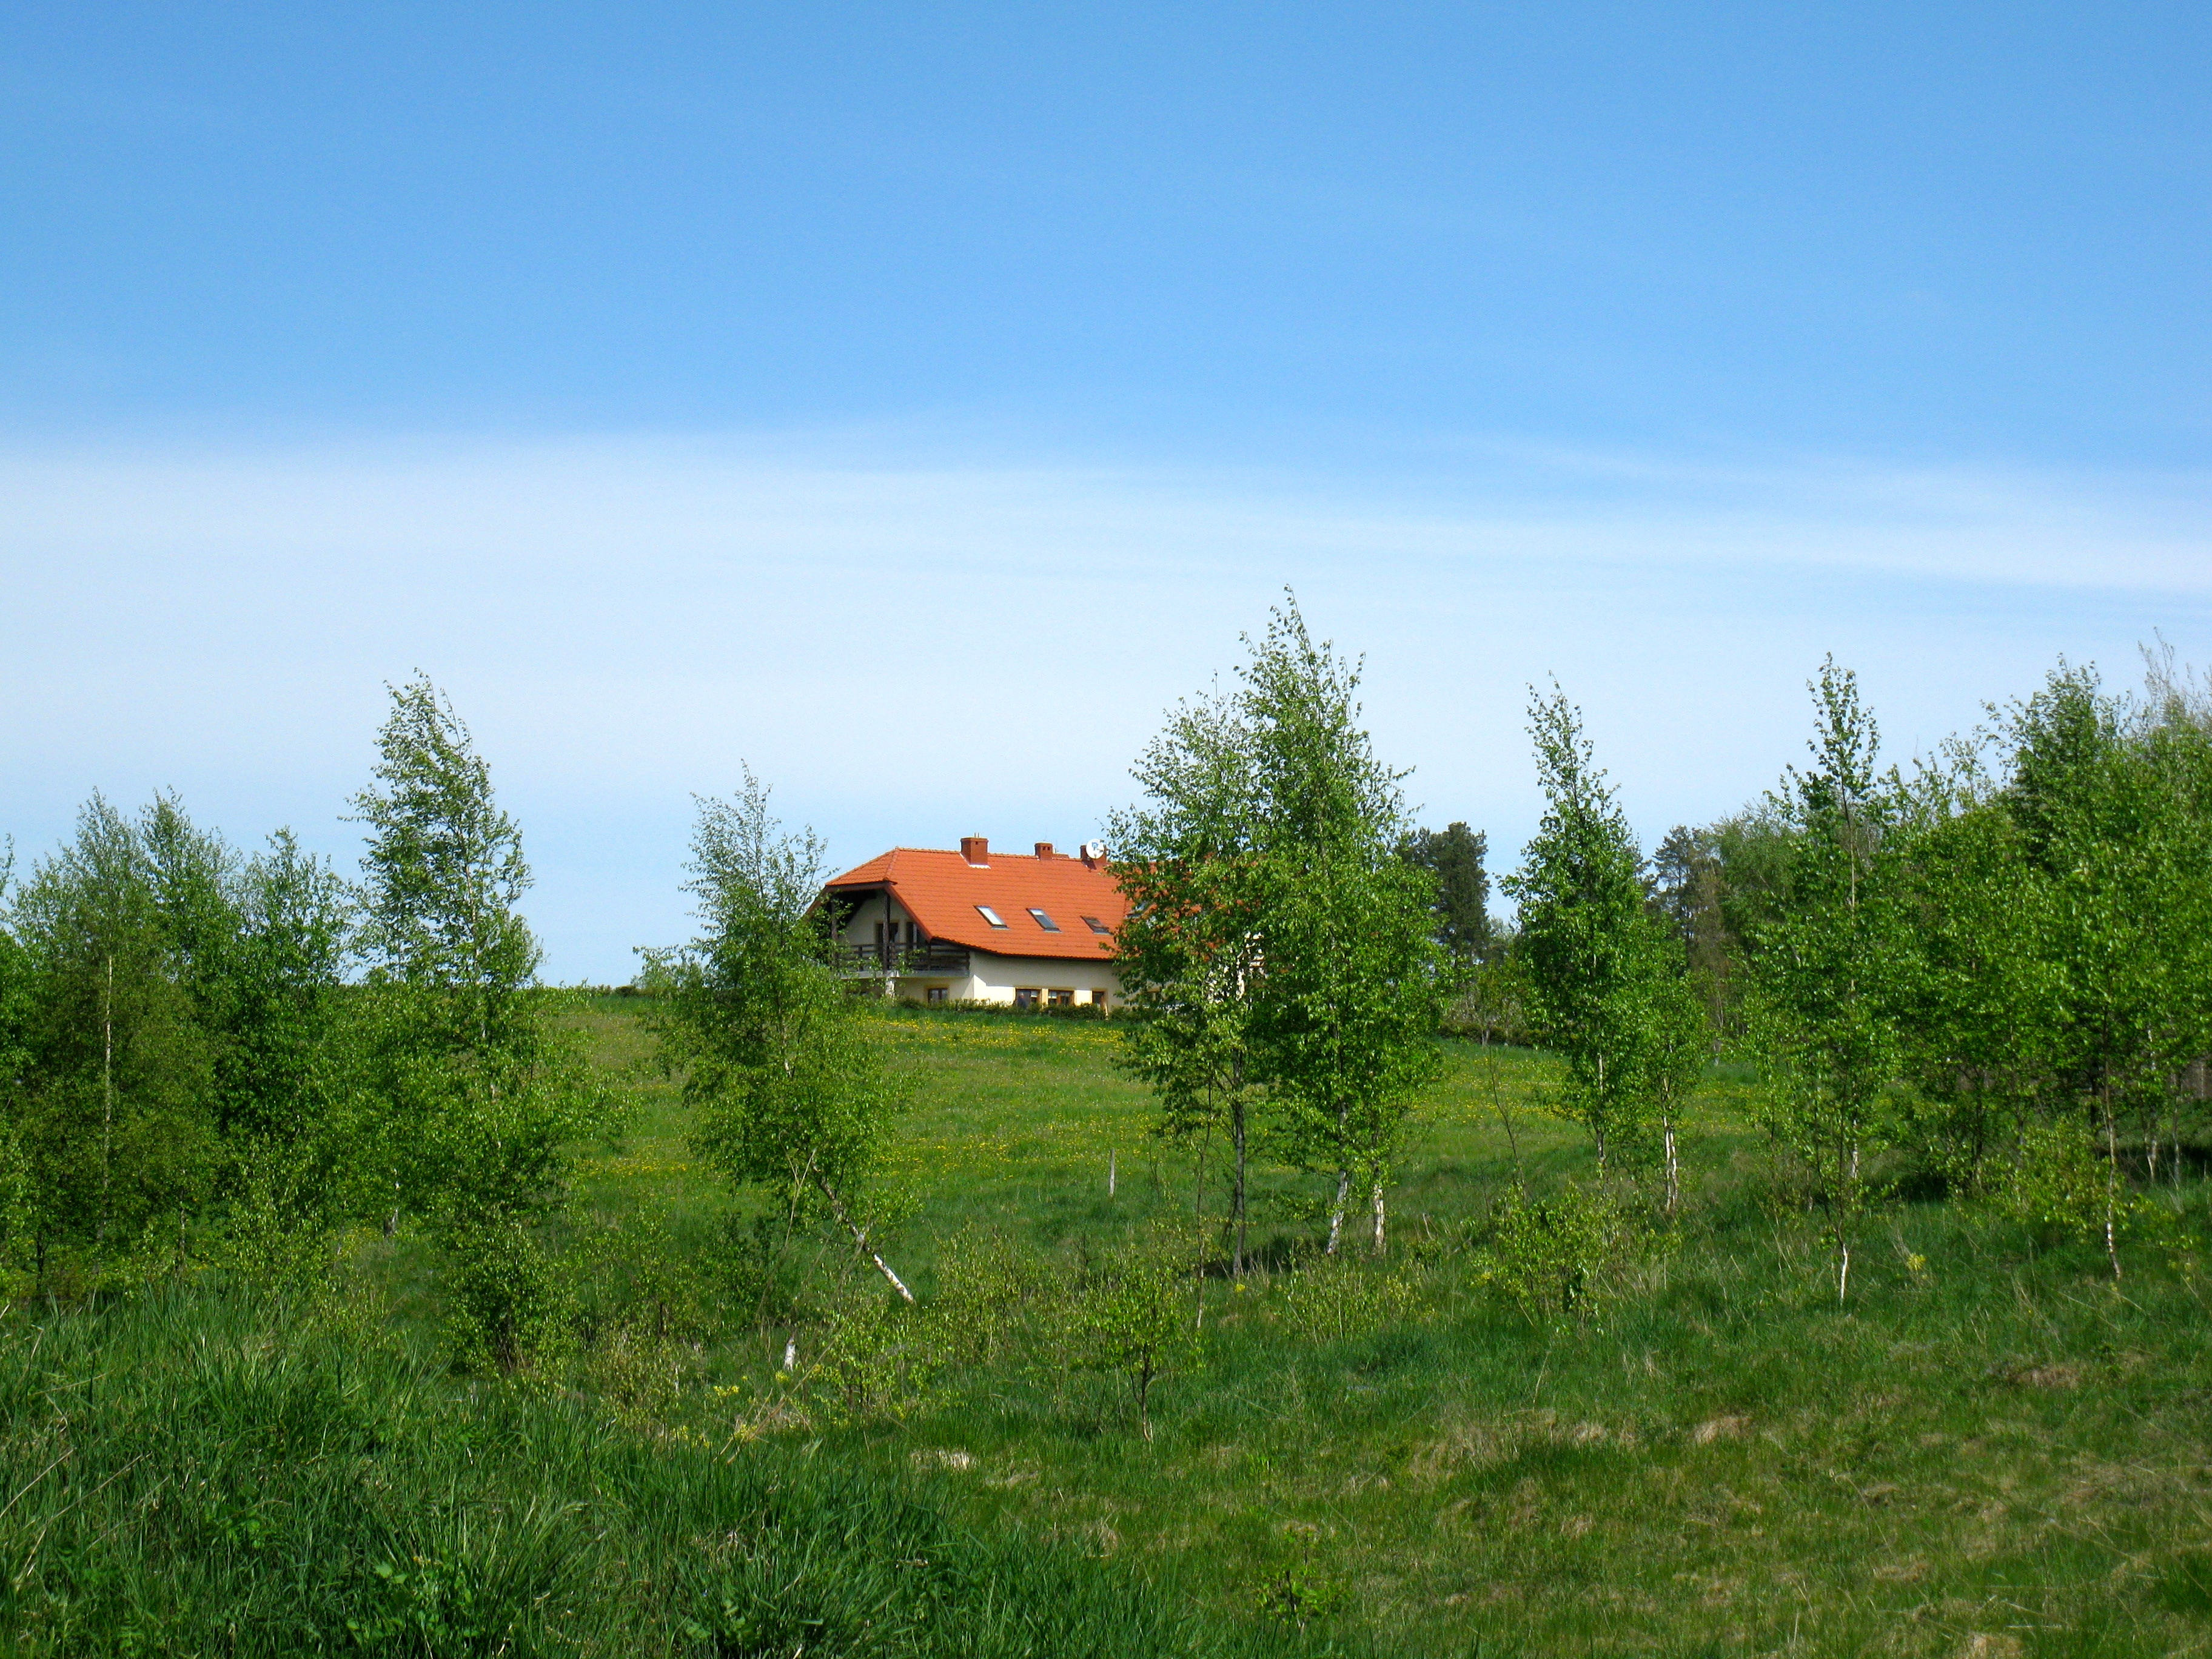 Dom od strony rzeki Łyna